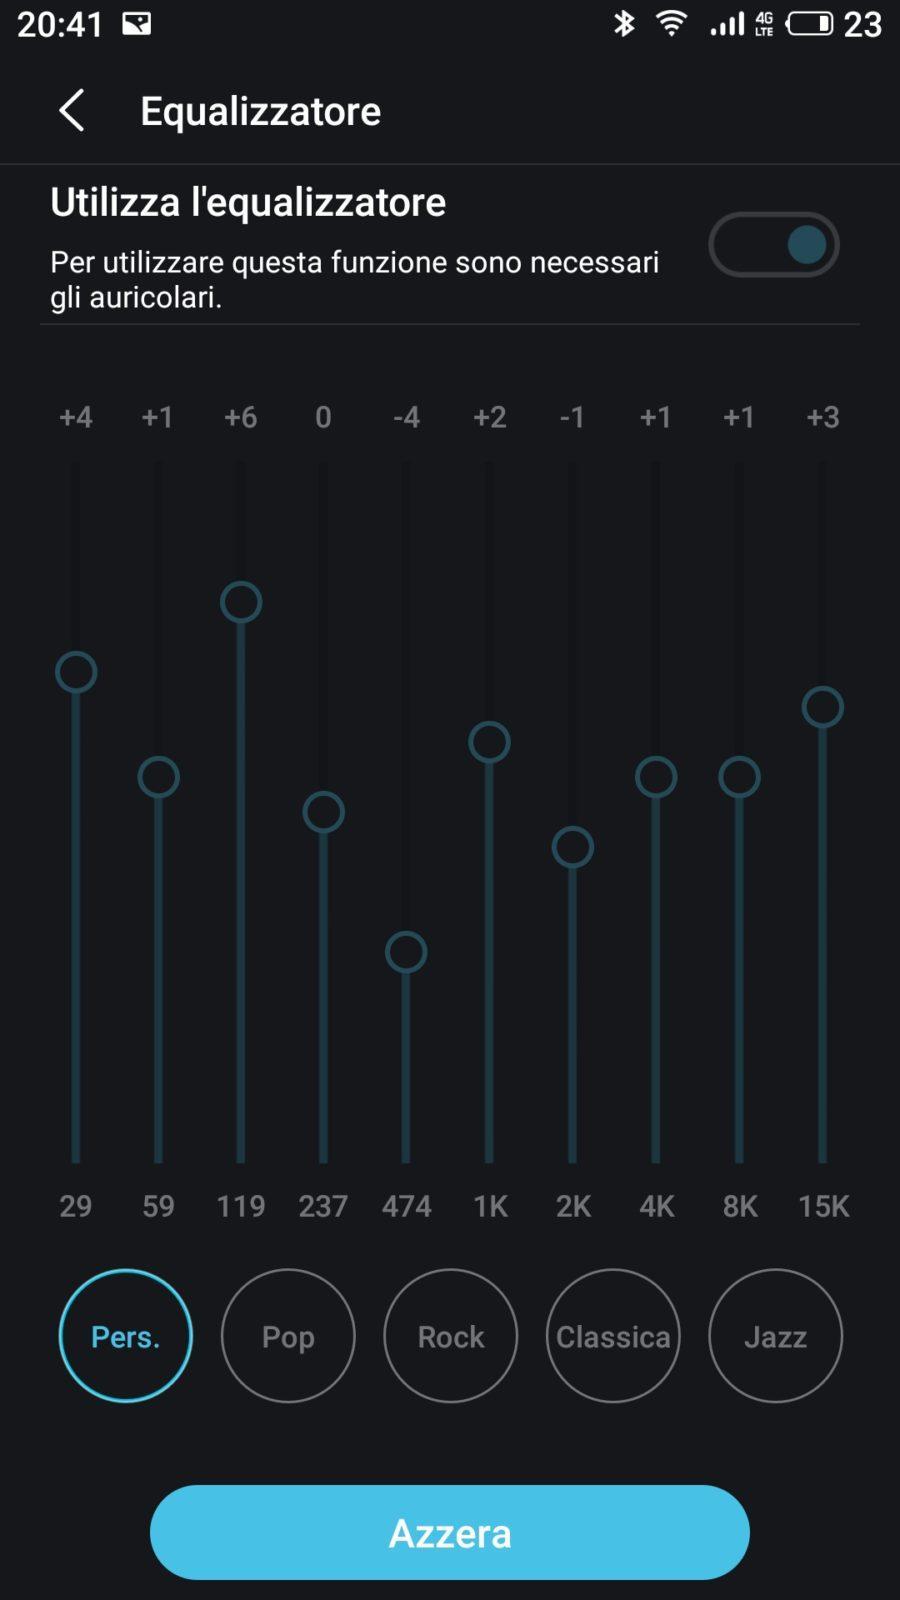 L'equalizzatore ora permette di personalizzare un maggior numero di frequenze | Evosmart.it